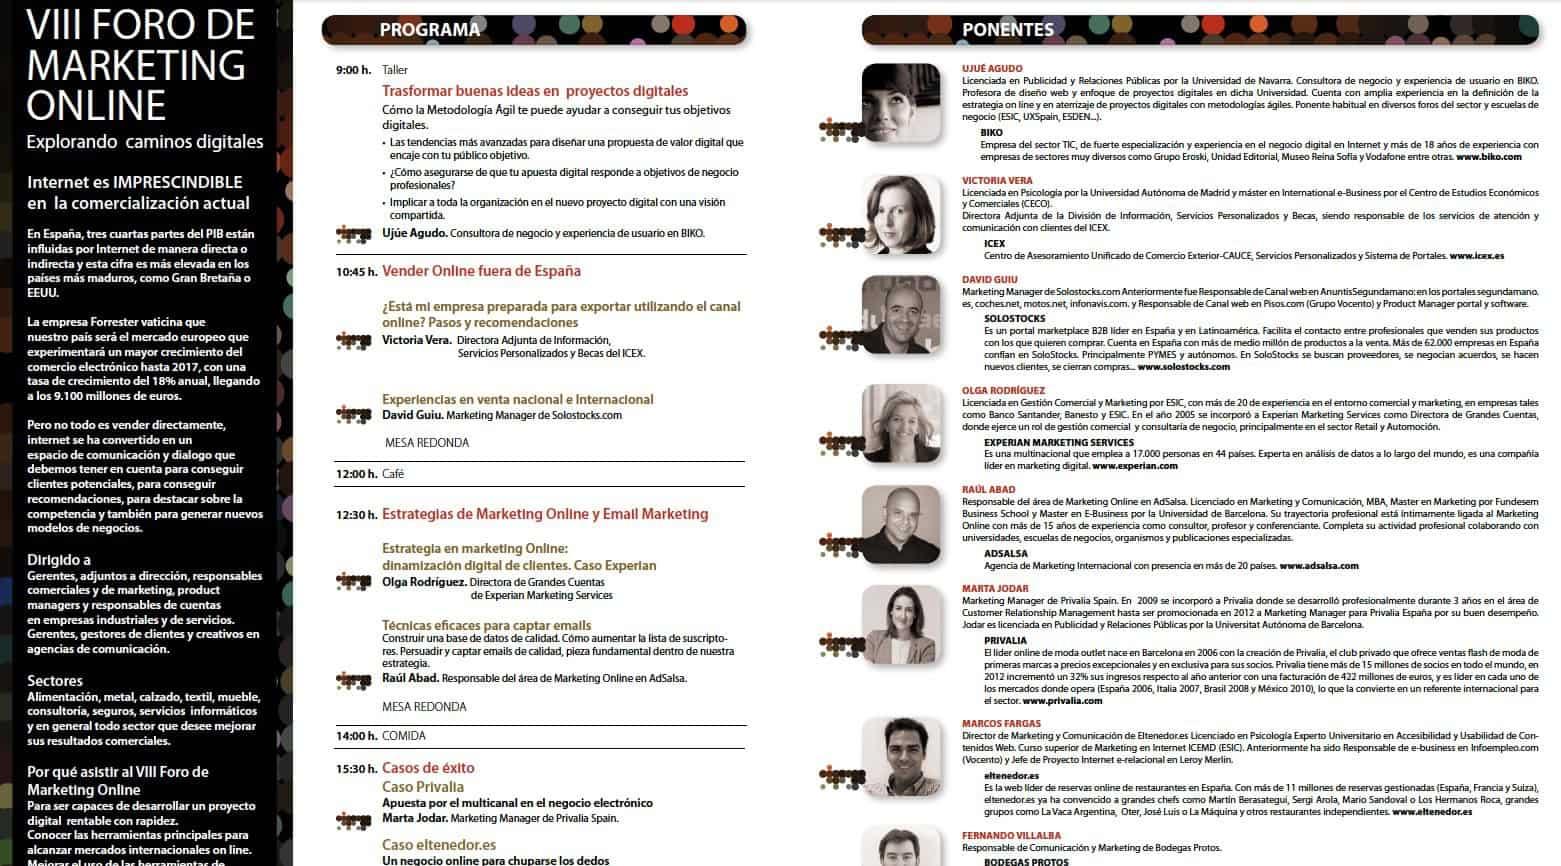 Foro de Marketing en Club de Marketing de la Rioja